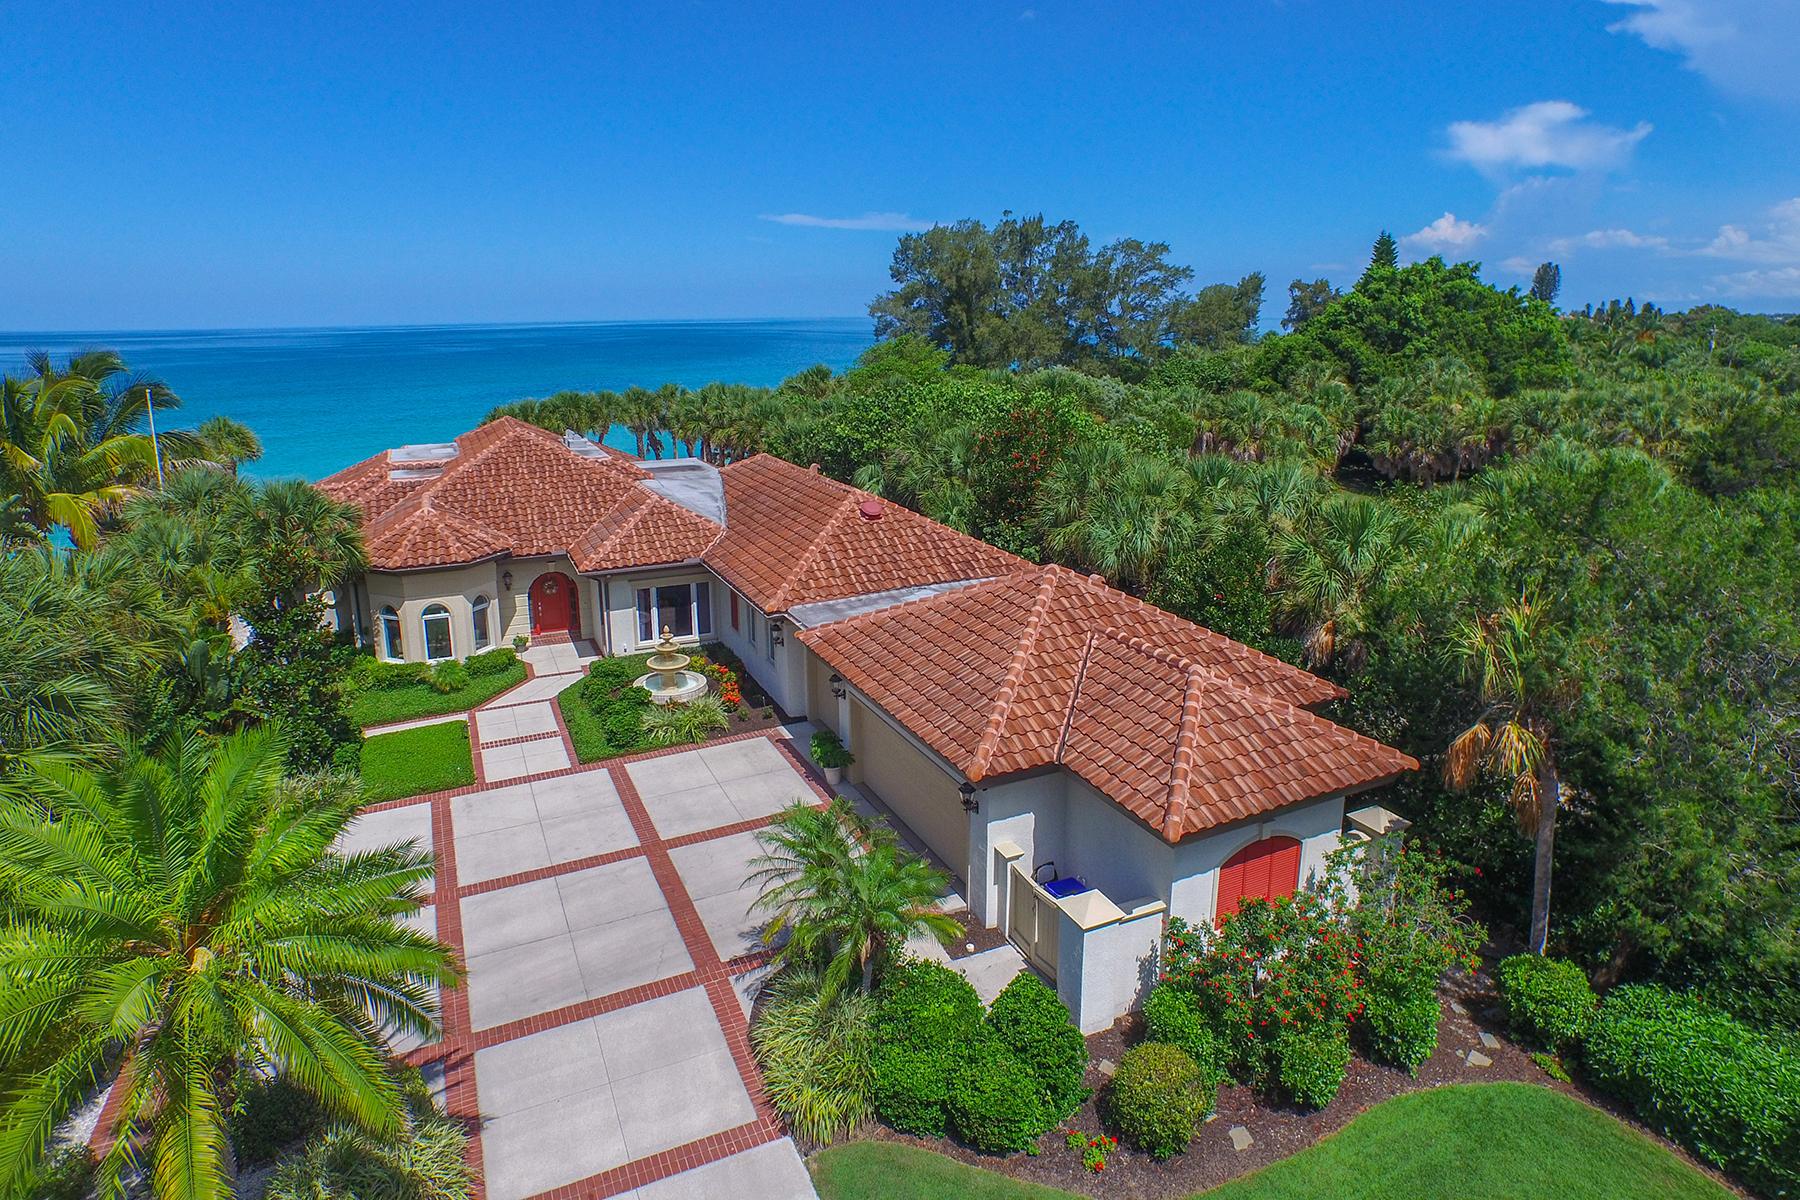 Casa Unifamiliar por un Venta en CASEY KEY GULF TO BAY 2509 Casey Key Rd Casey Key, Nokomis, Florida 34275 Estados Unidos